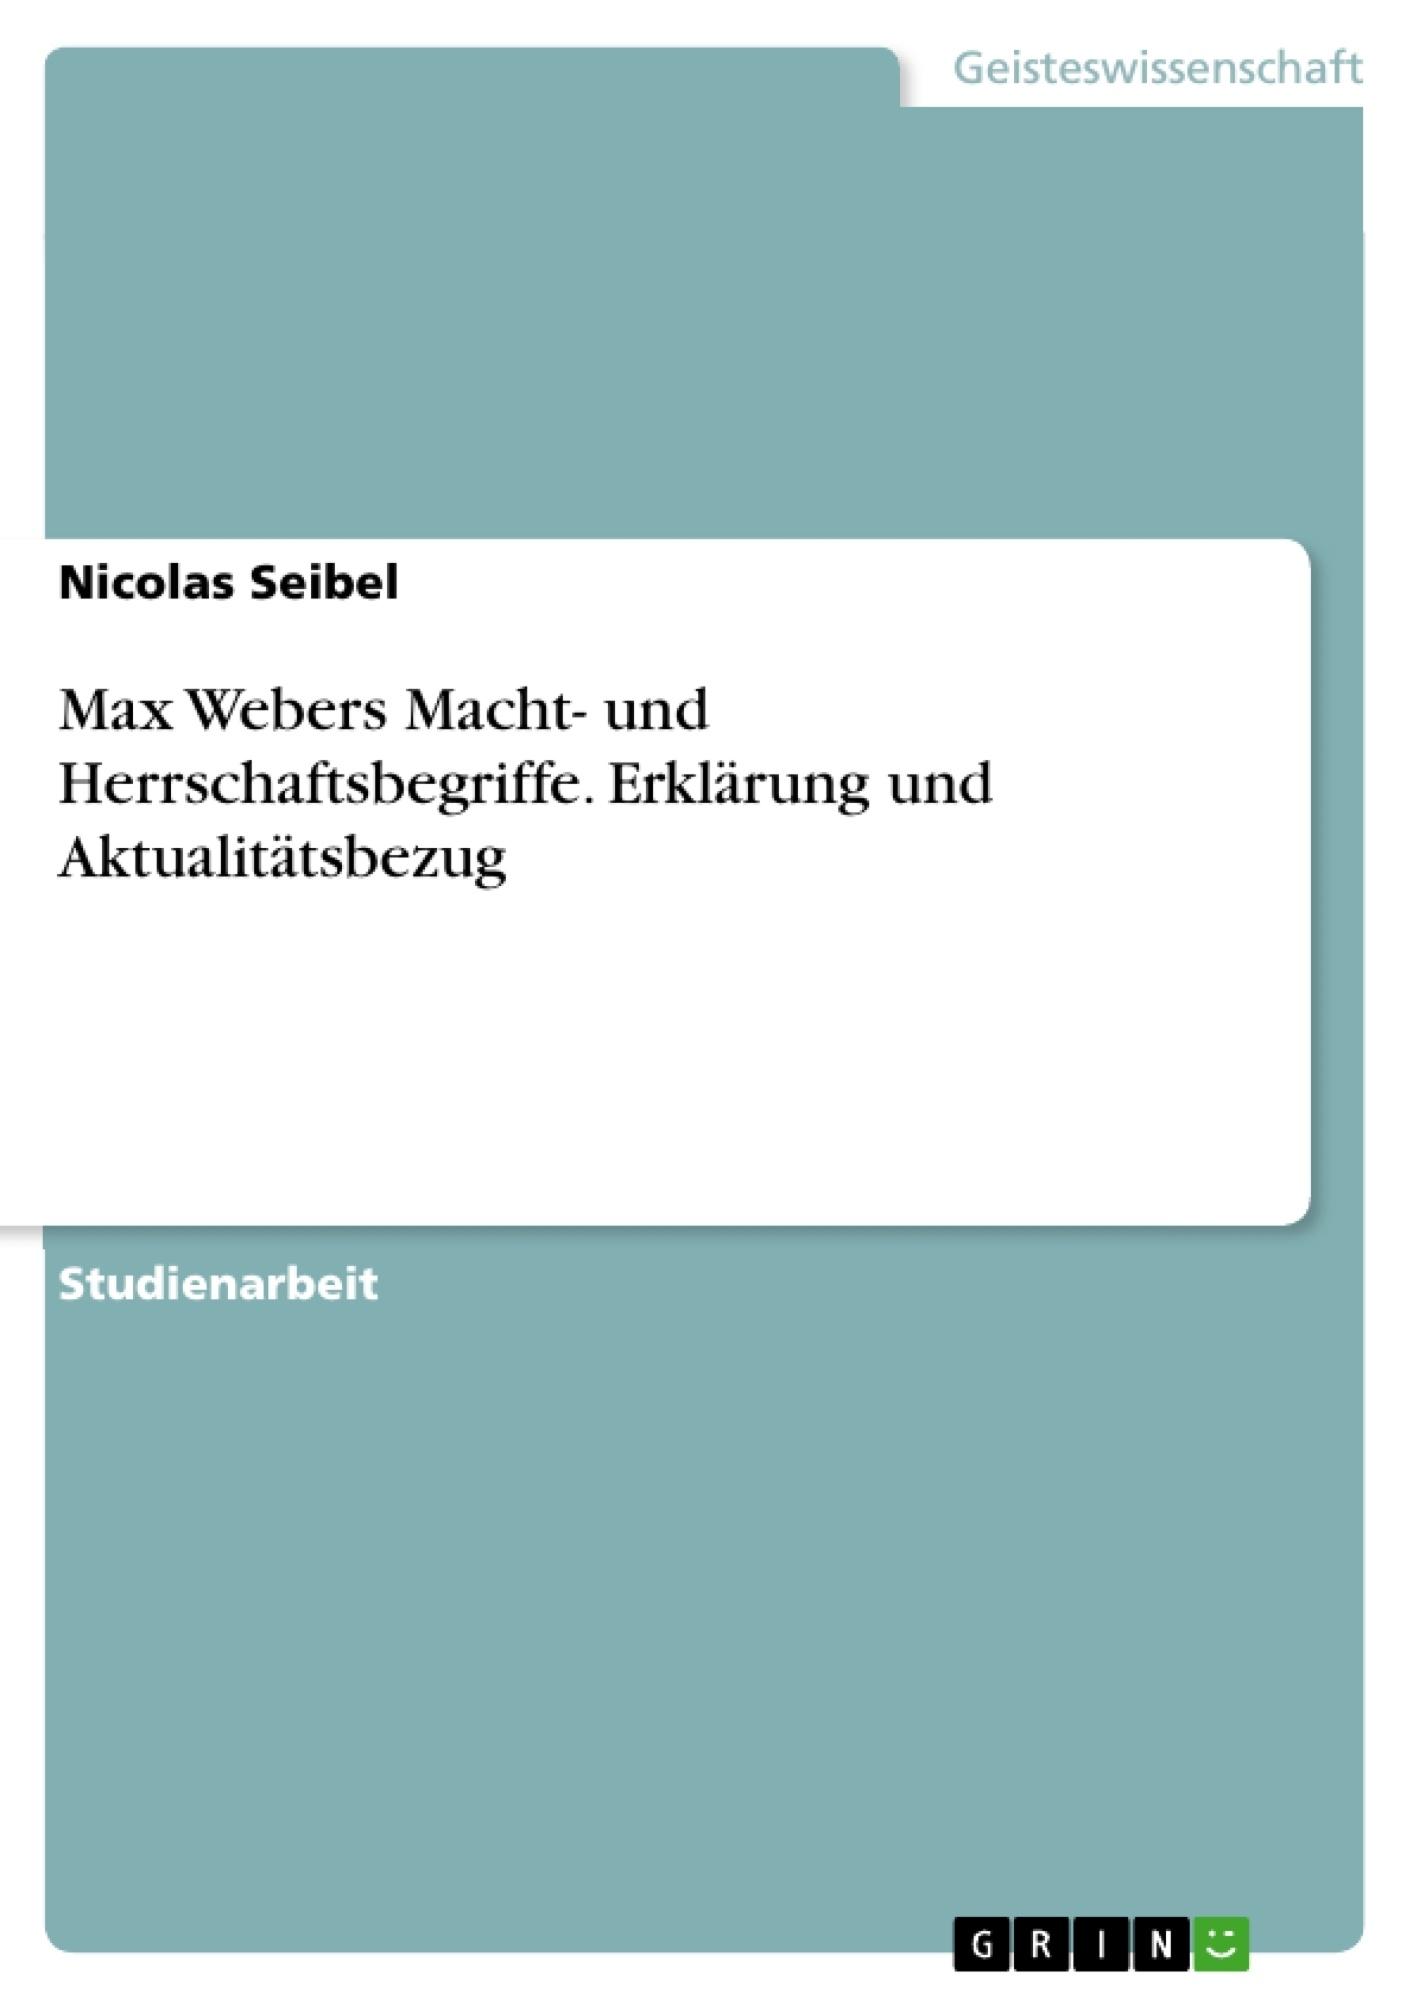 Titel: Max Webers Macht- und Herrschaftsbegriffe. Erklärung und Aktualitätsbezug